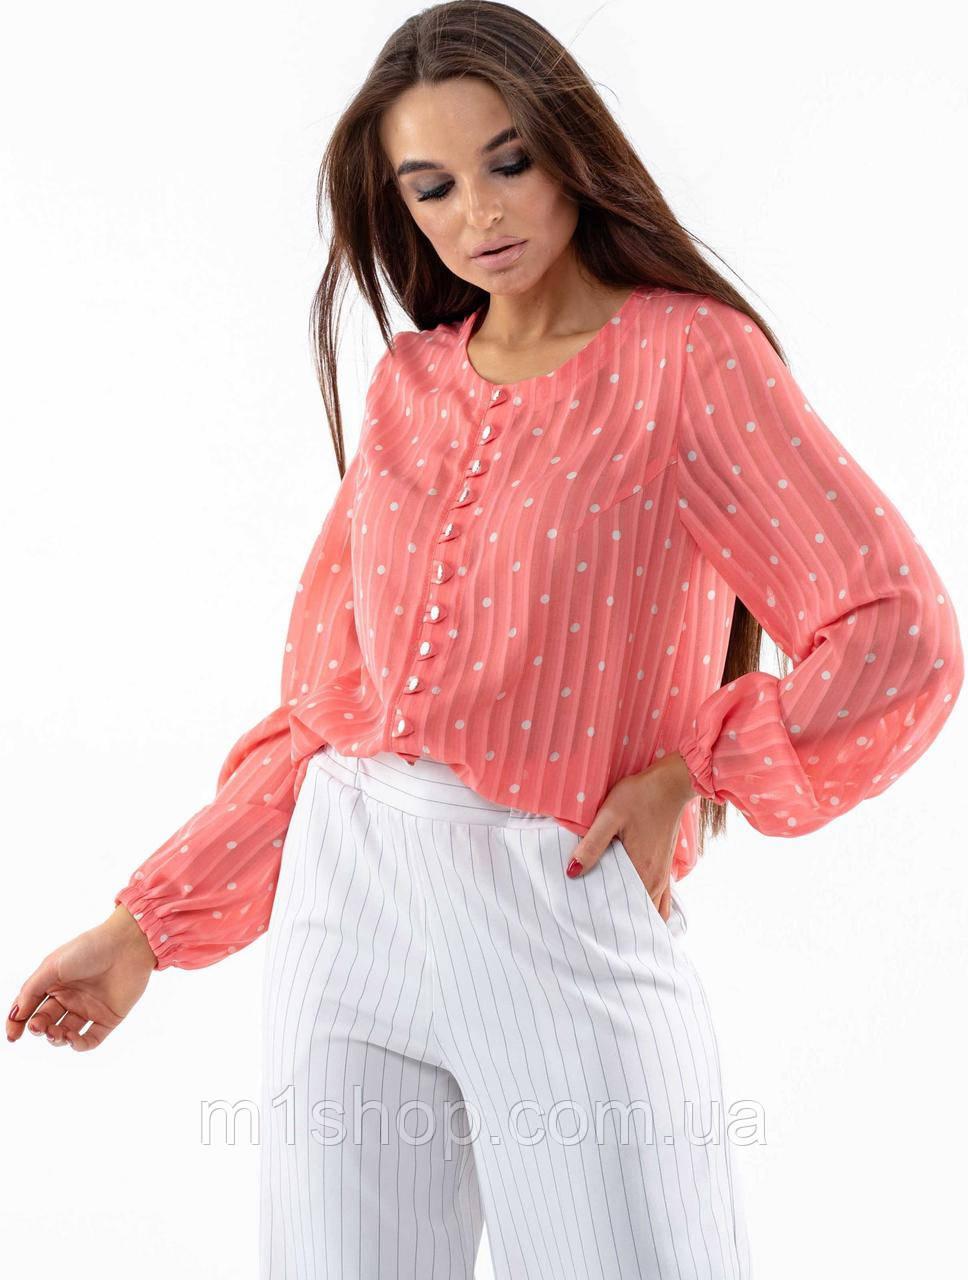 Шифоновая элегантная свободная коралловая женская блуза (Донна ri)